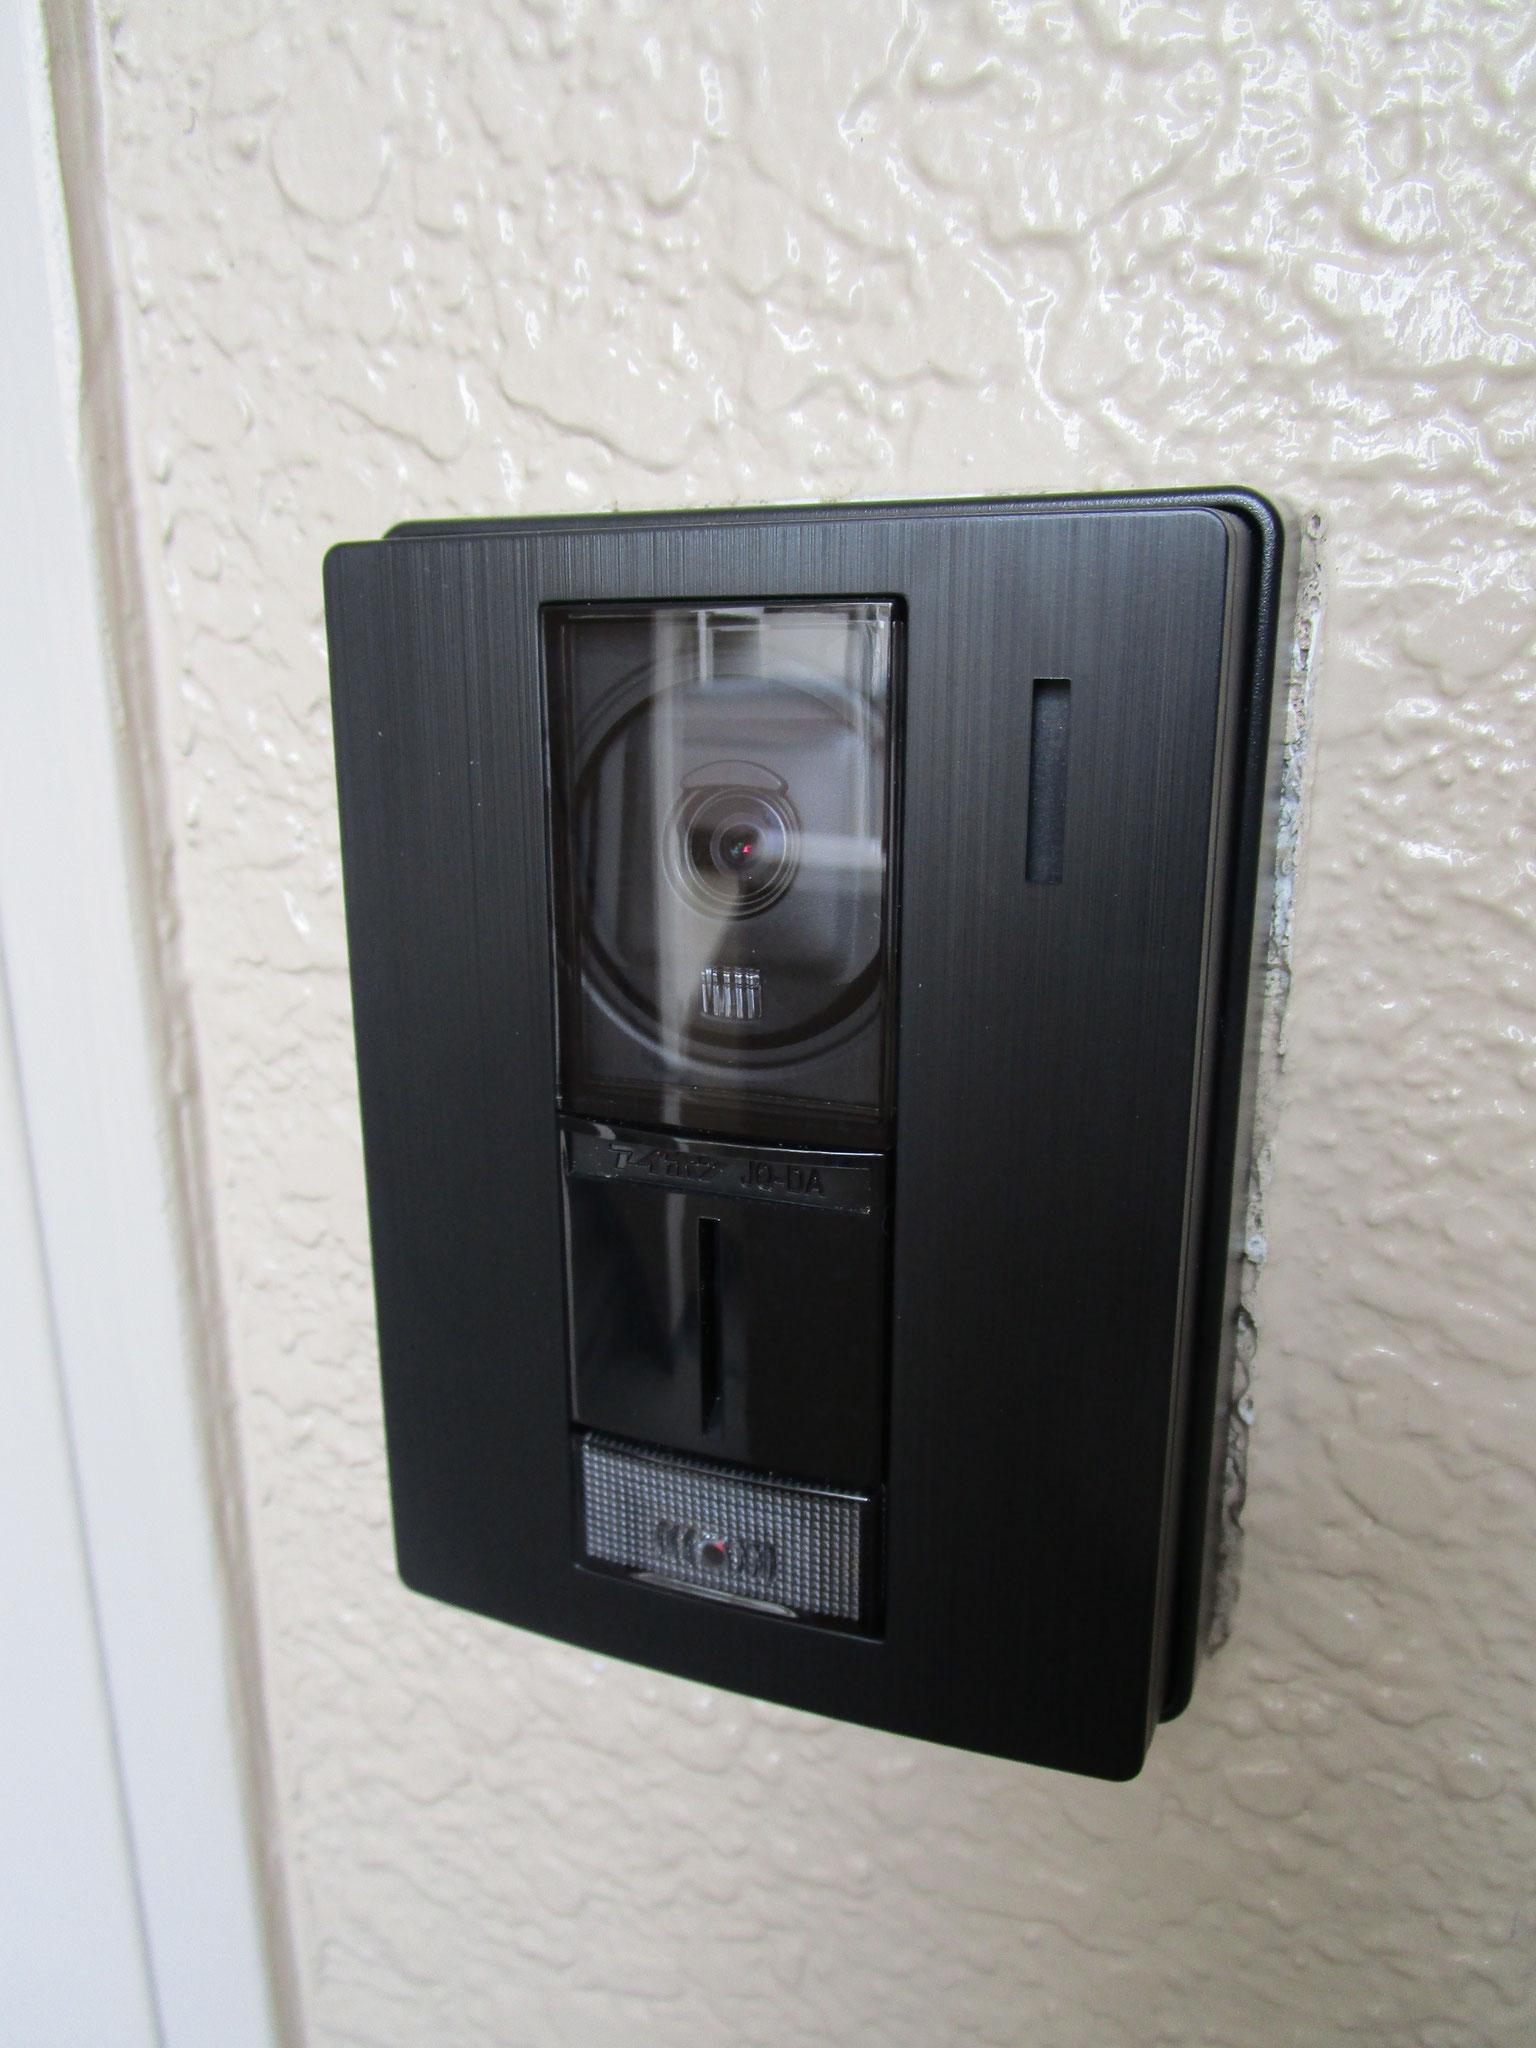 カラーモニター付きインターホン設置